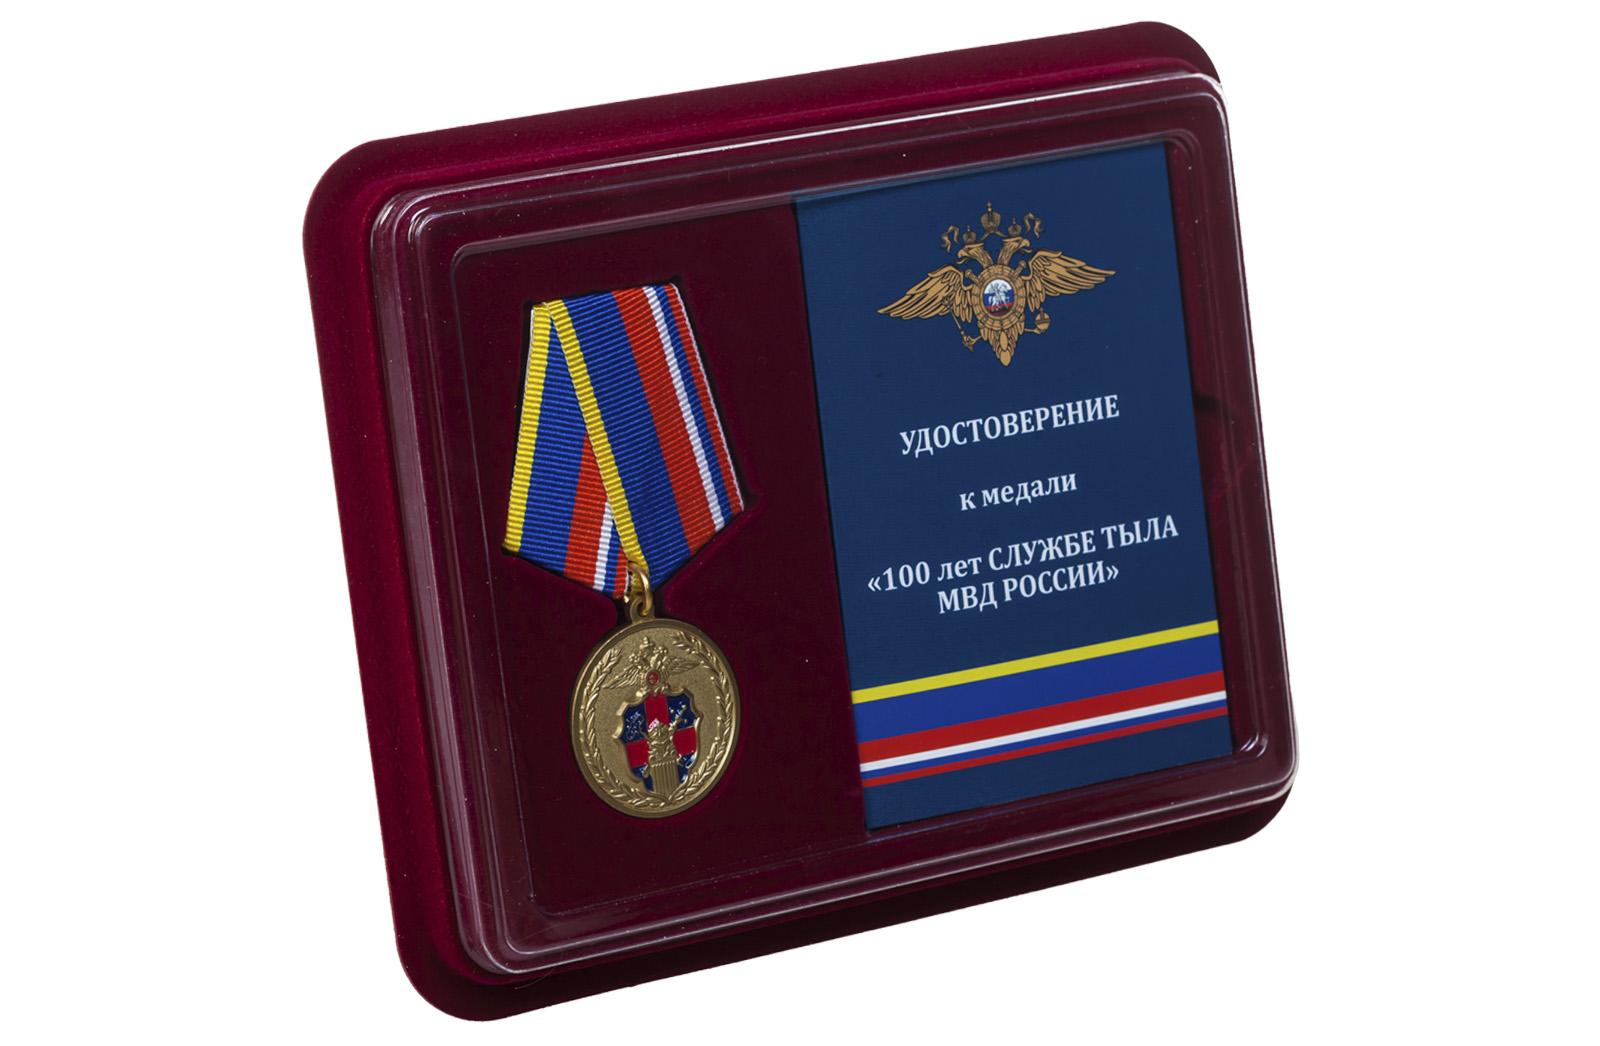 Купить медаль 100 лет Службе тыла МВД России оптом или в розницу